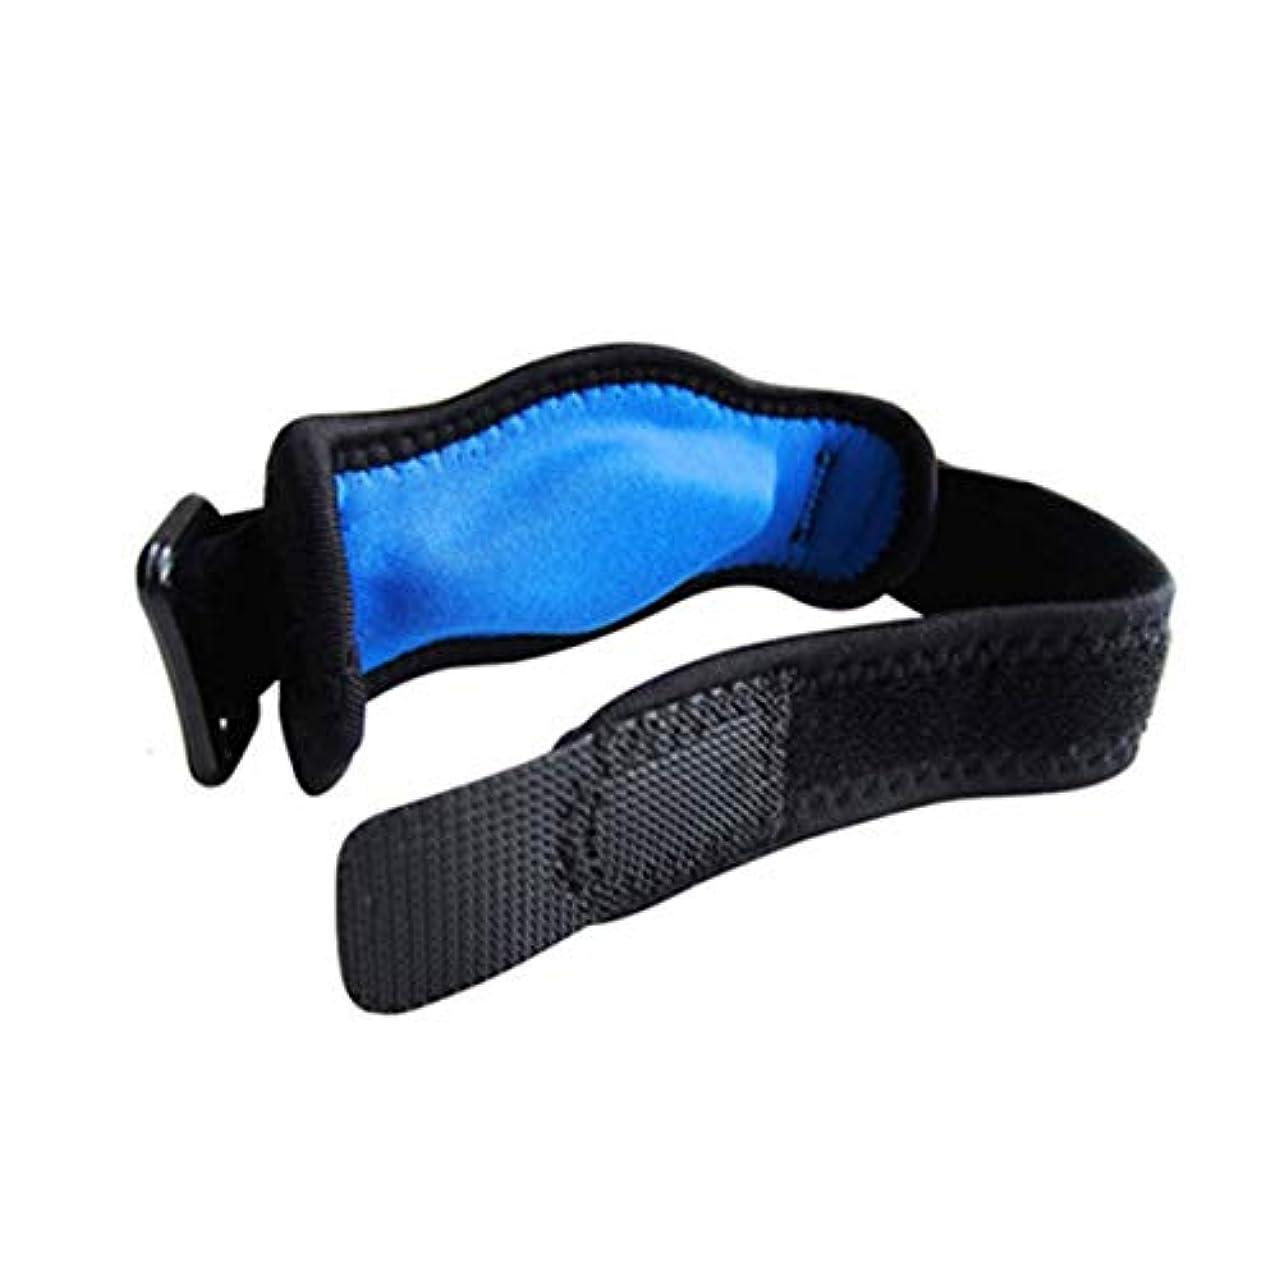 コスチュームショットメモ調整可能なテニス肘サポートストラップブレースゴルフ前腕の痛みの軽減-ブラック